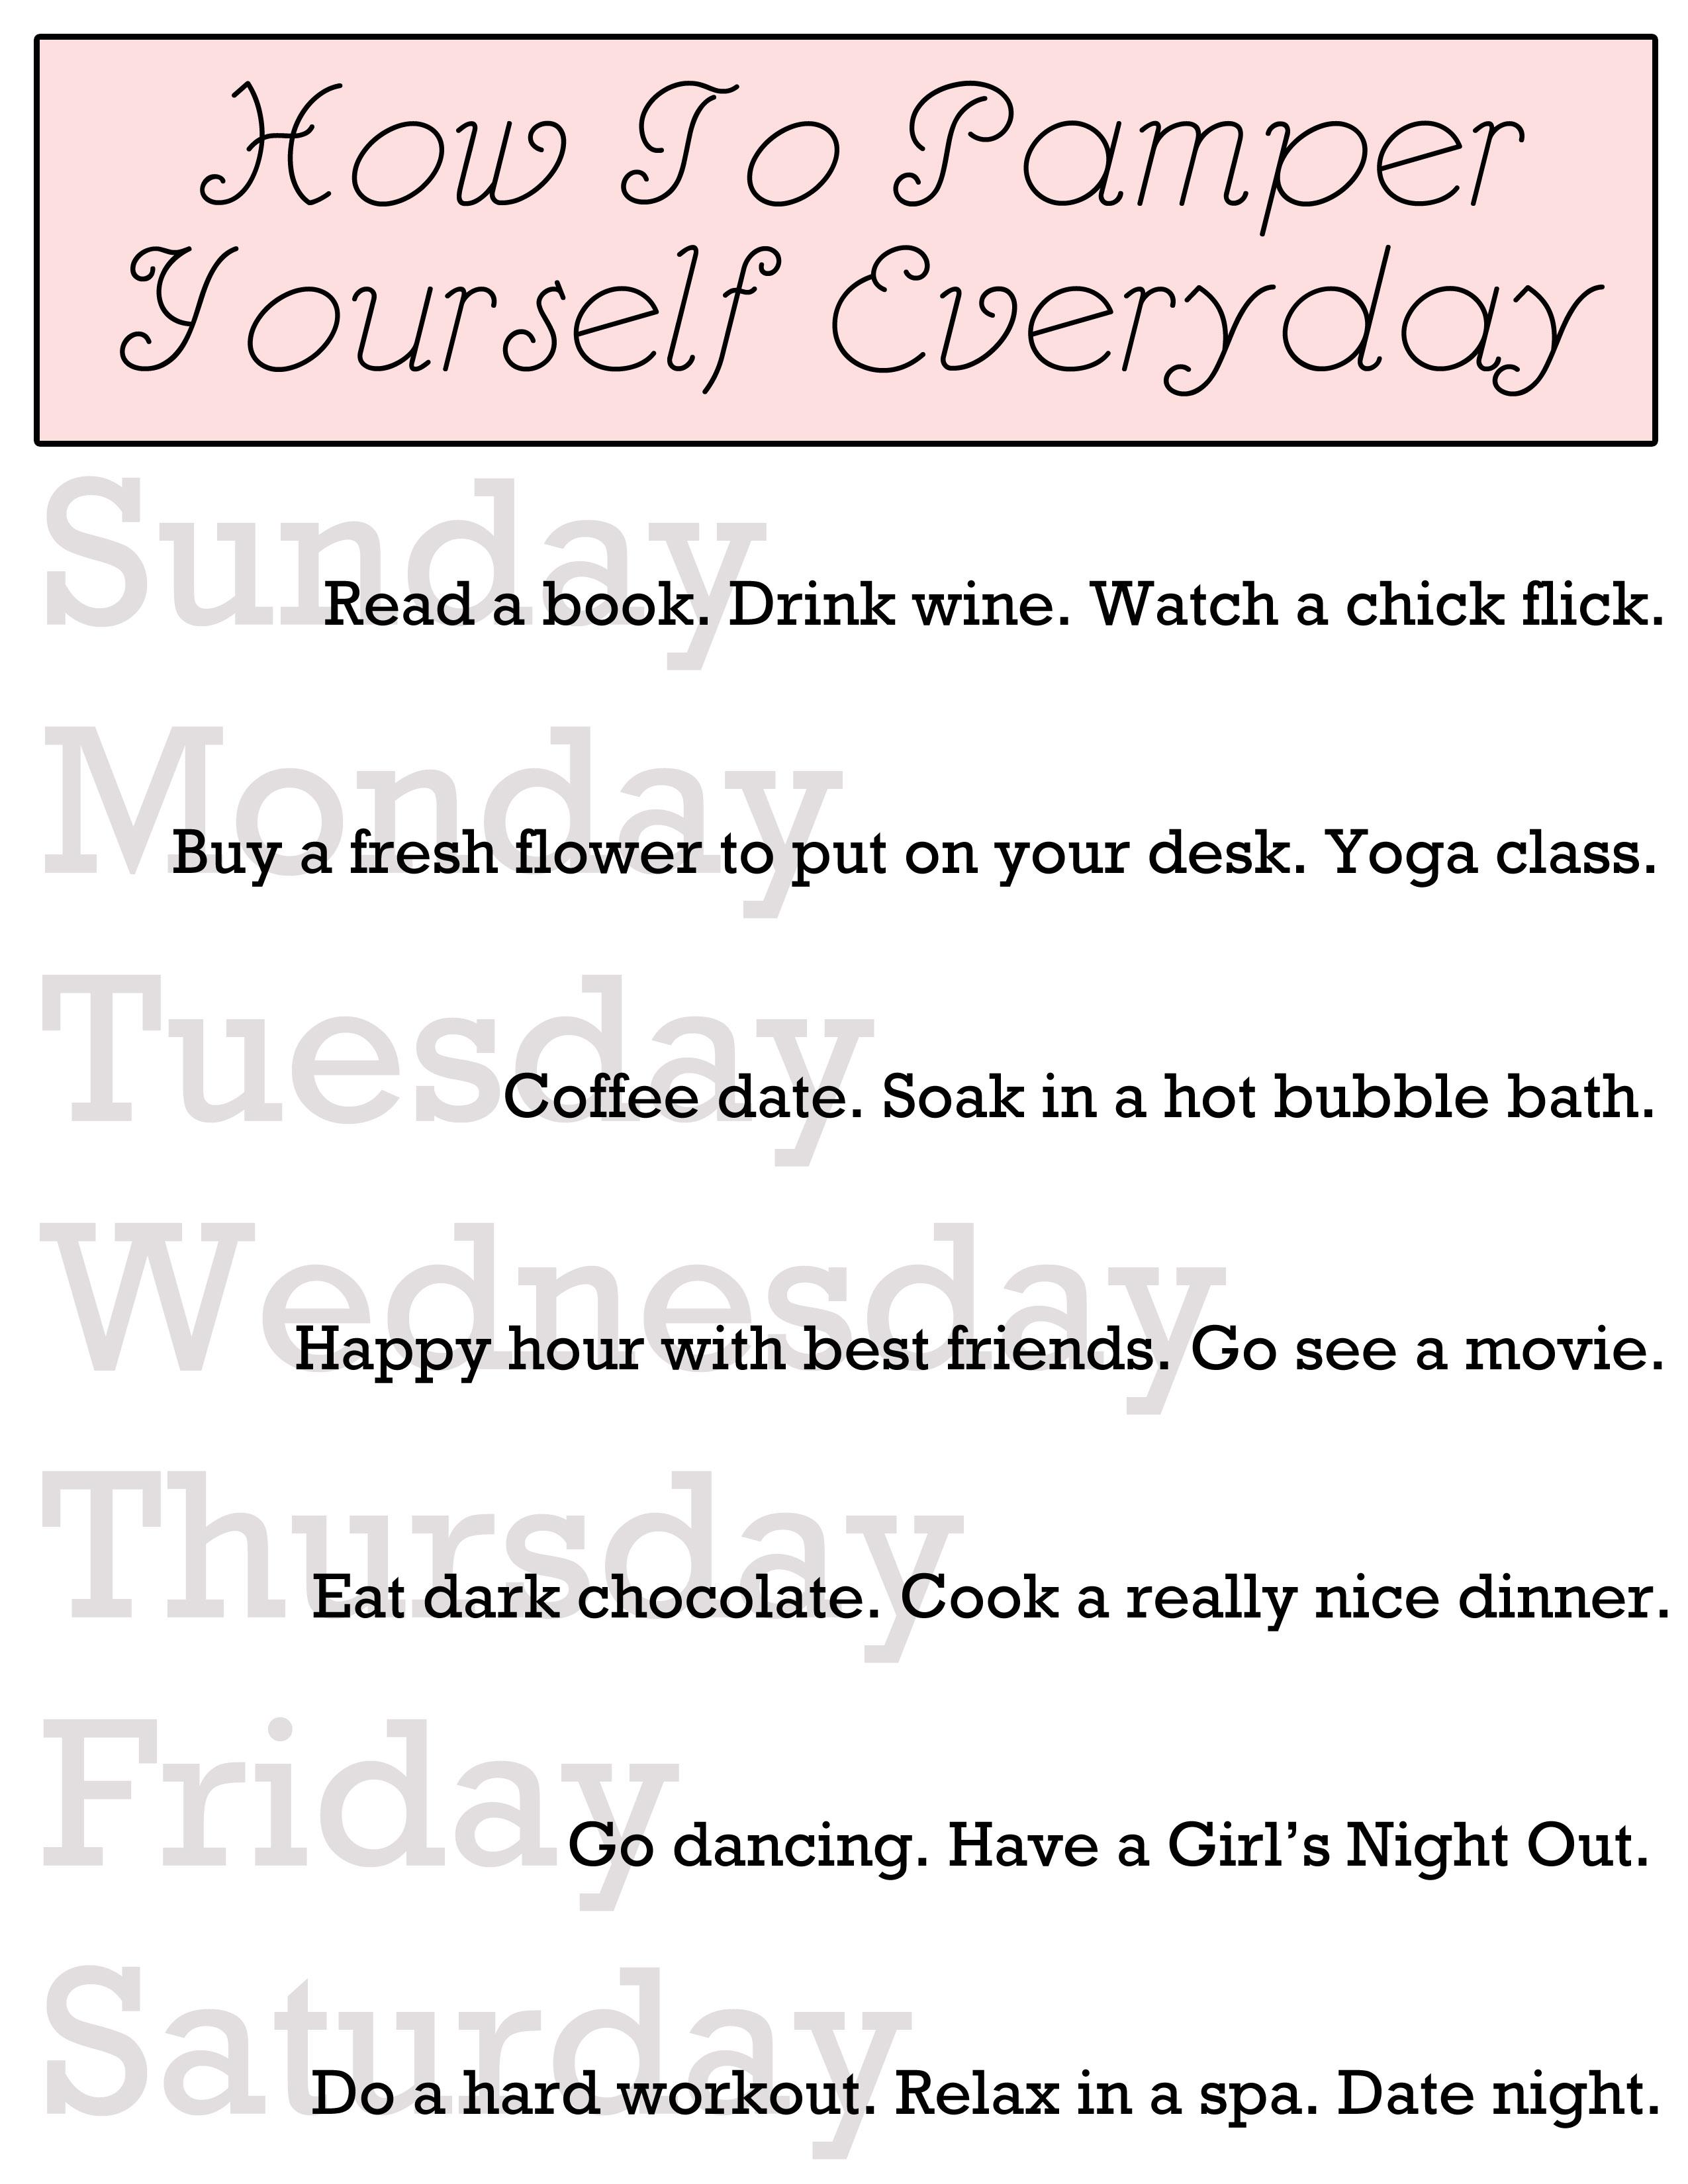 Spa Day Checklist